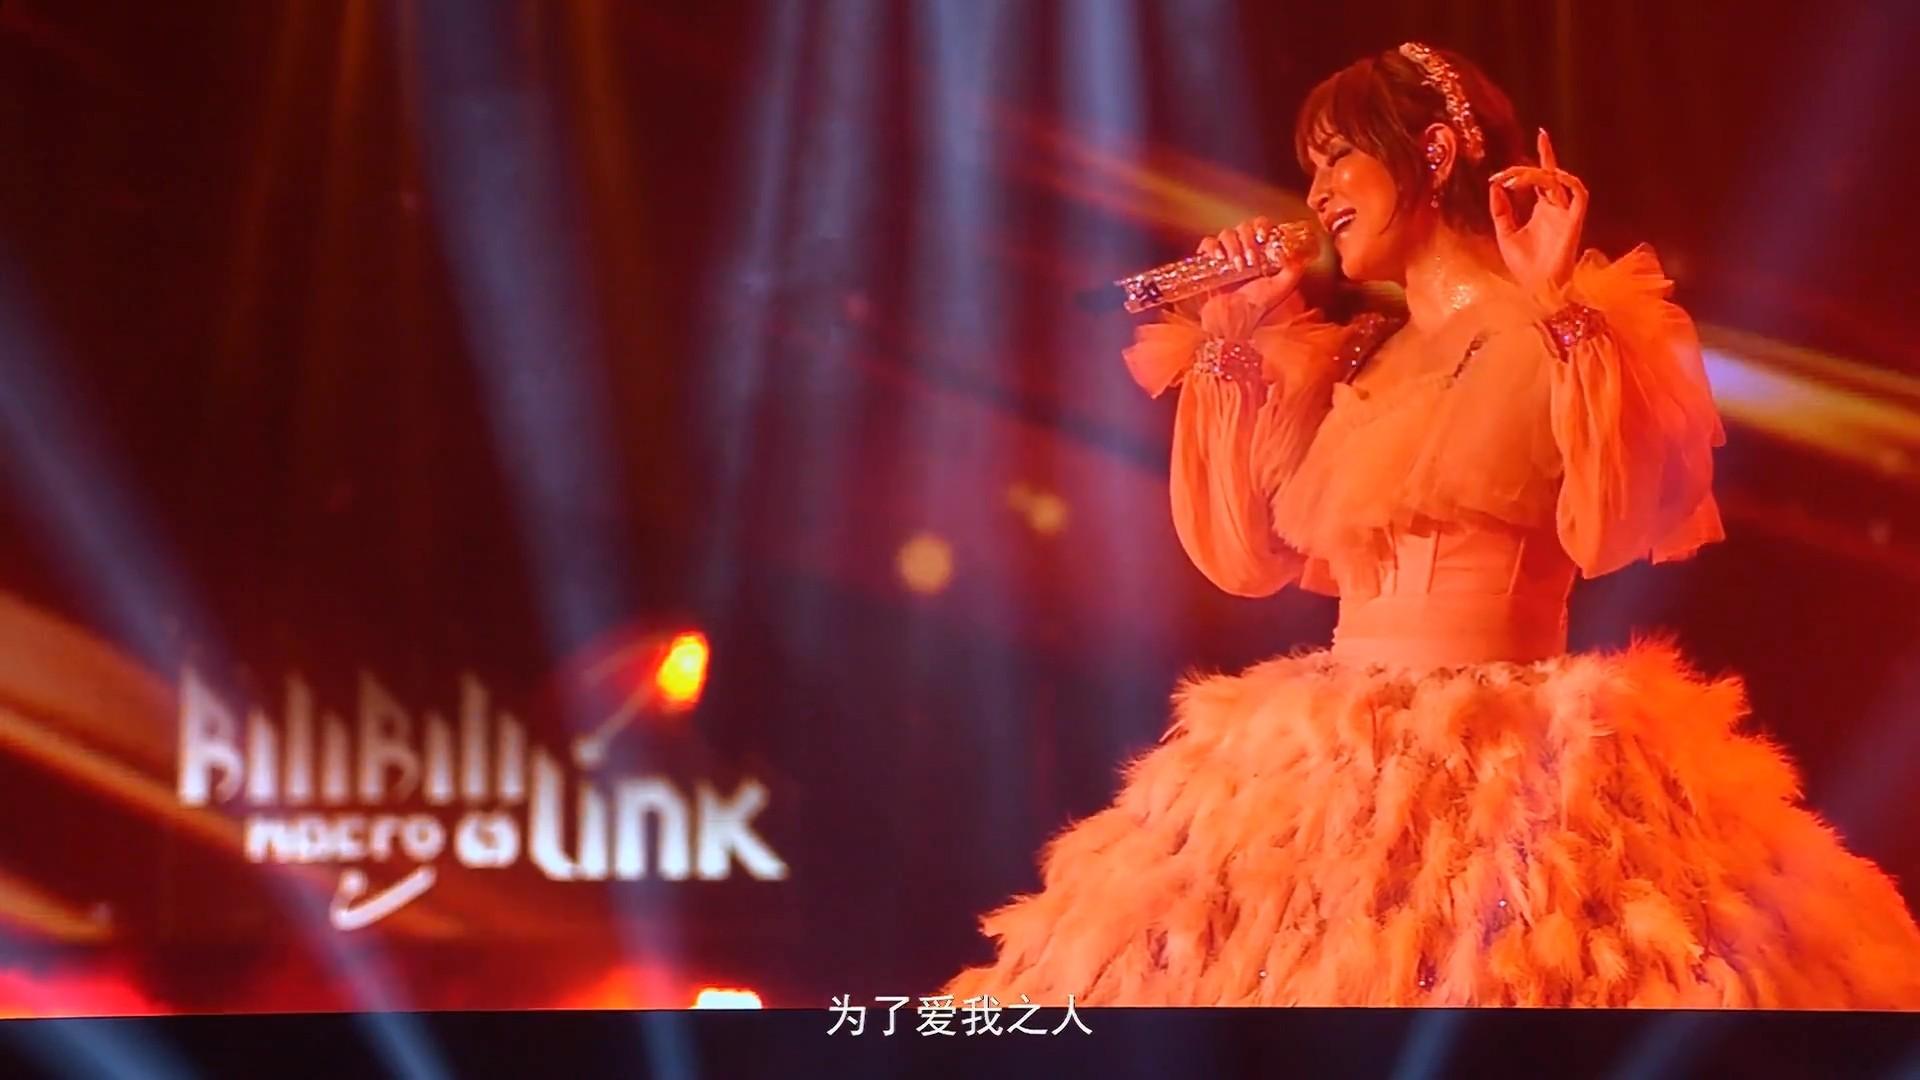 浜崎あゆみ (Ayumi Hamasaki) – Dearest + MY ALL (BiliBili Macro Link 2021 – 2021.07.11) [MKV 1080p / WEB]